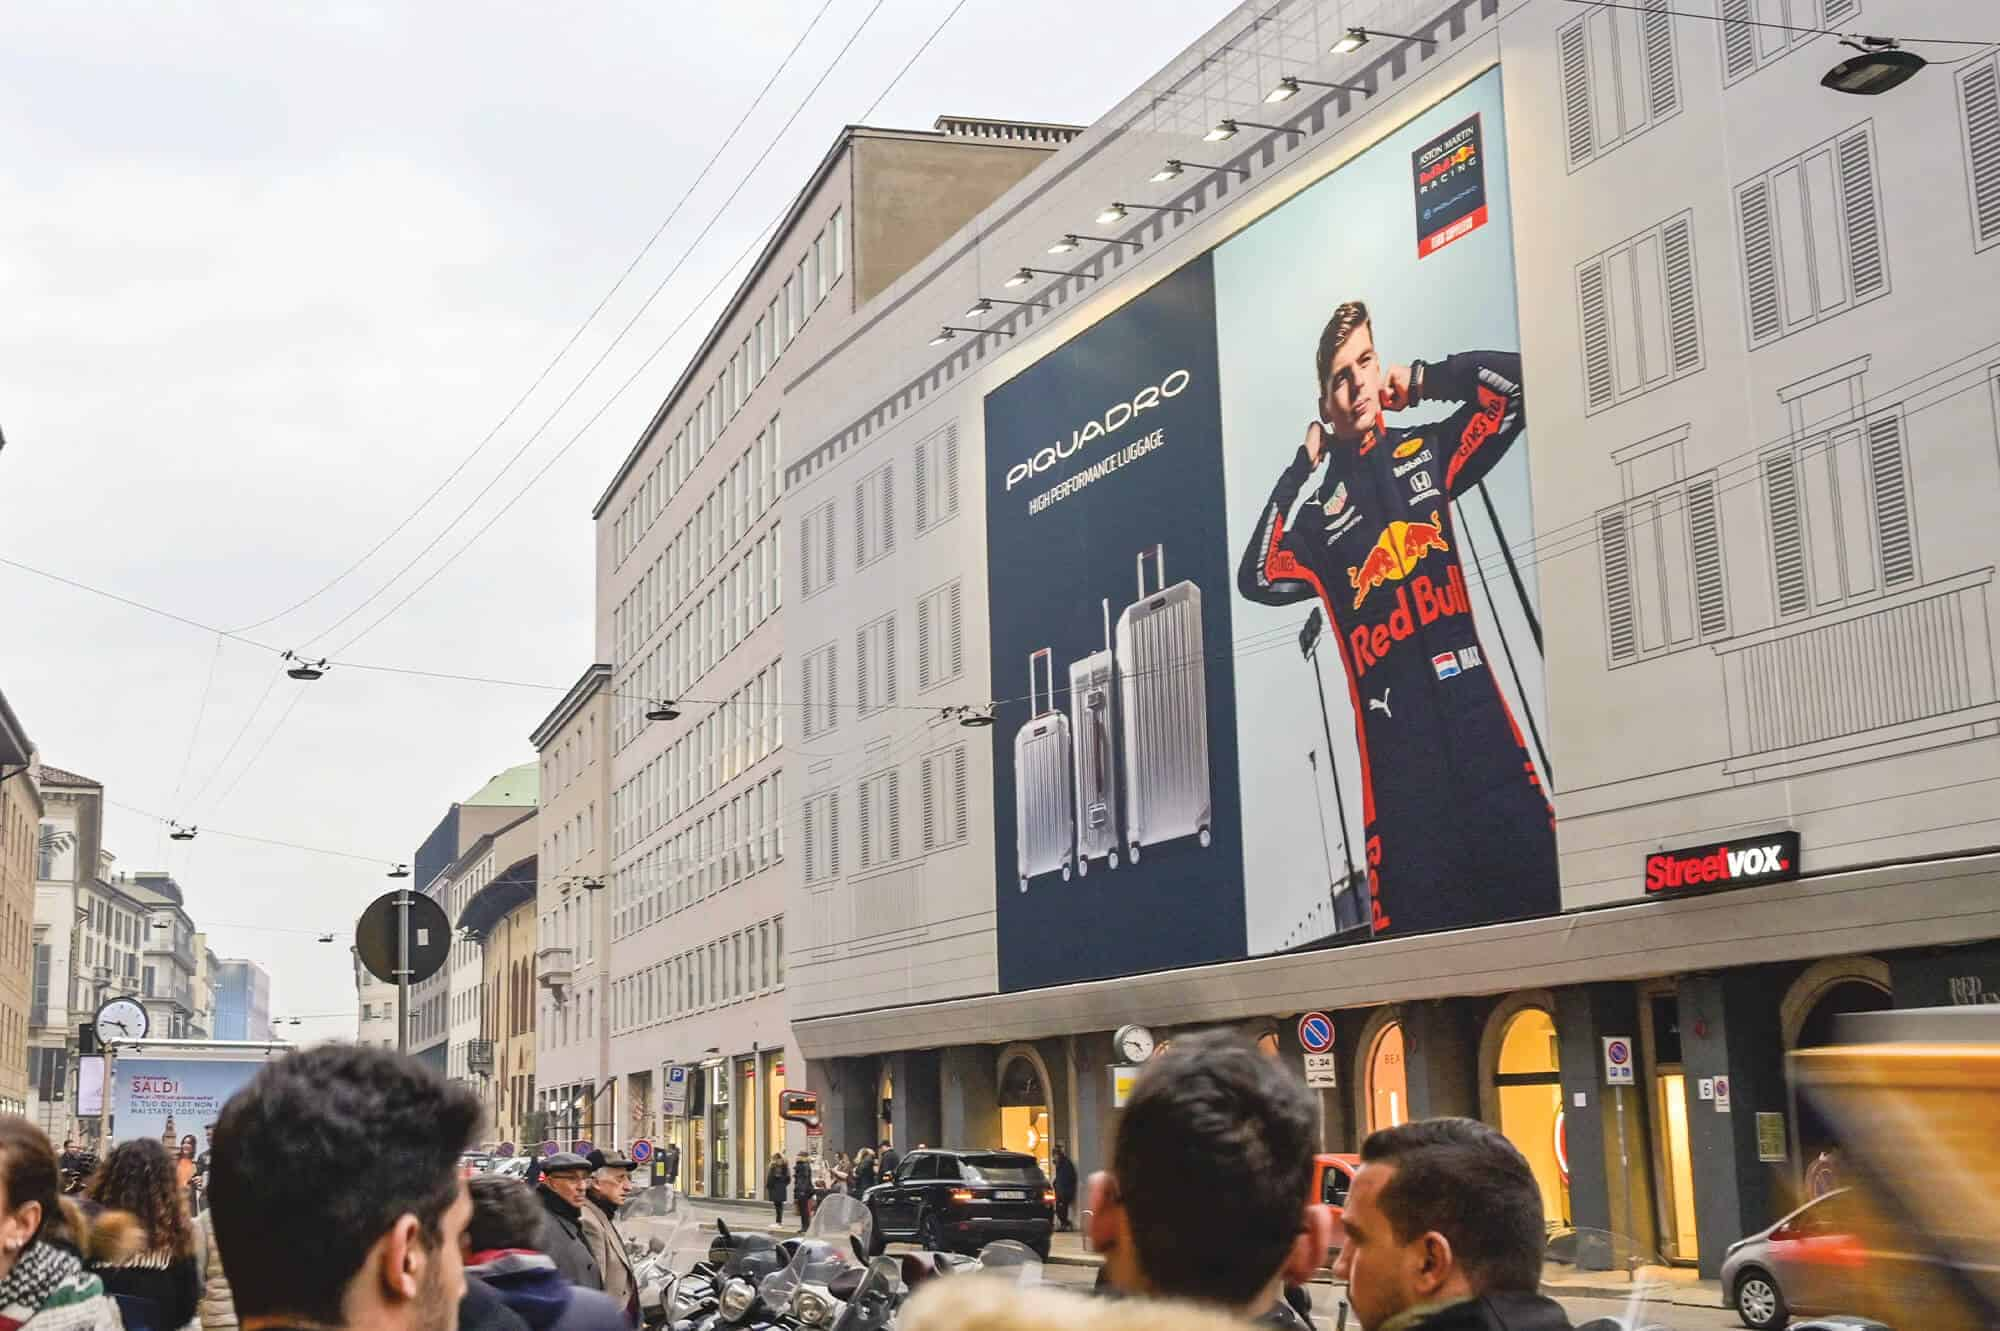 Maxi affissione Streetvox in Via Venezia 6 a Milano di Piquadro